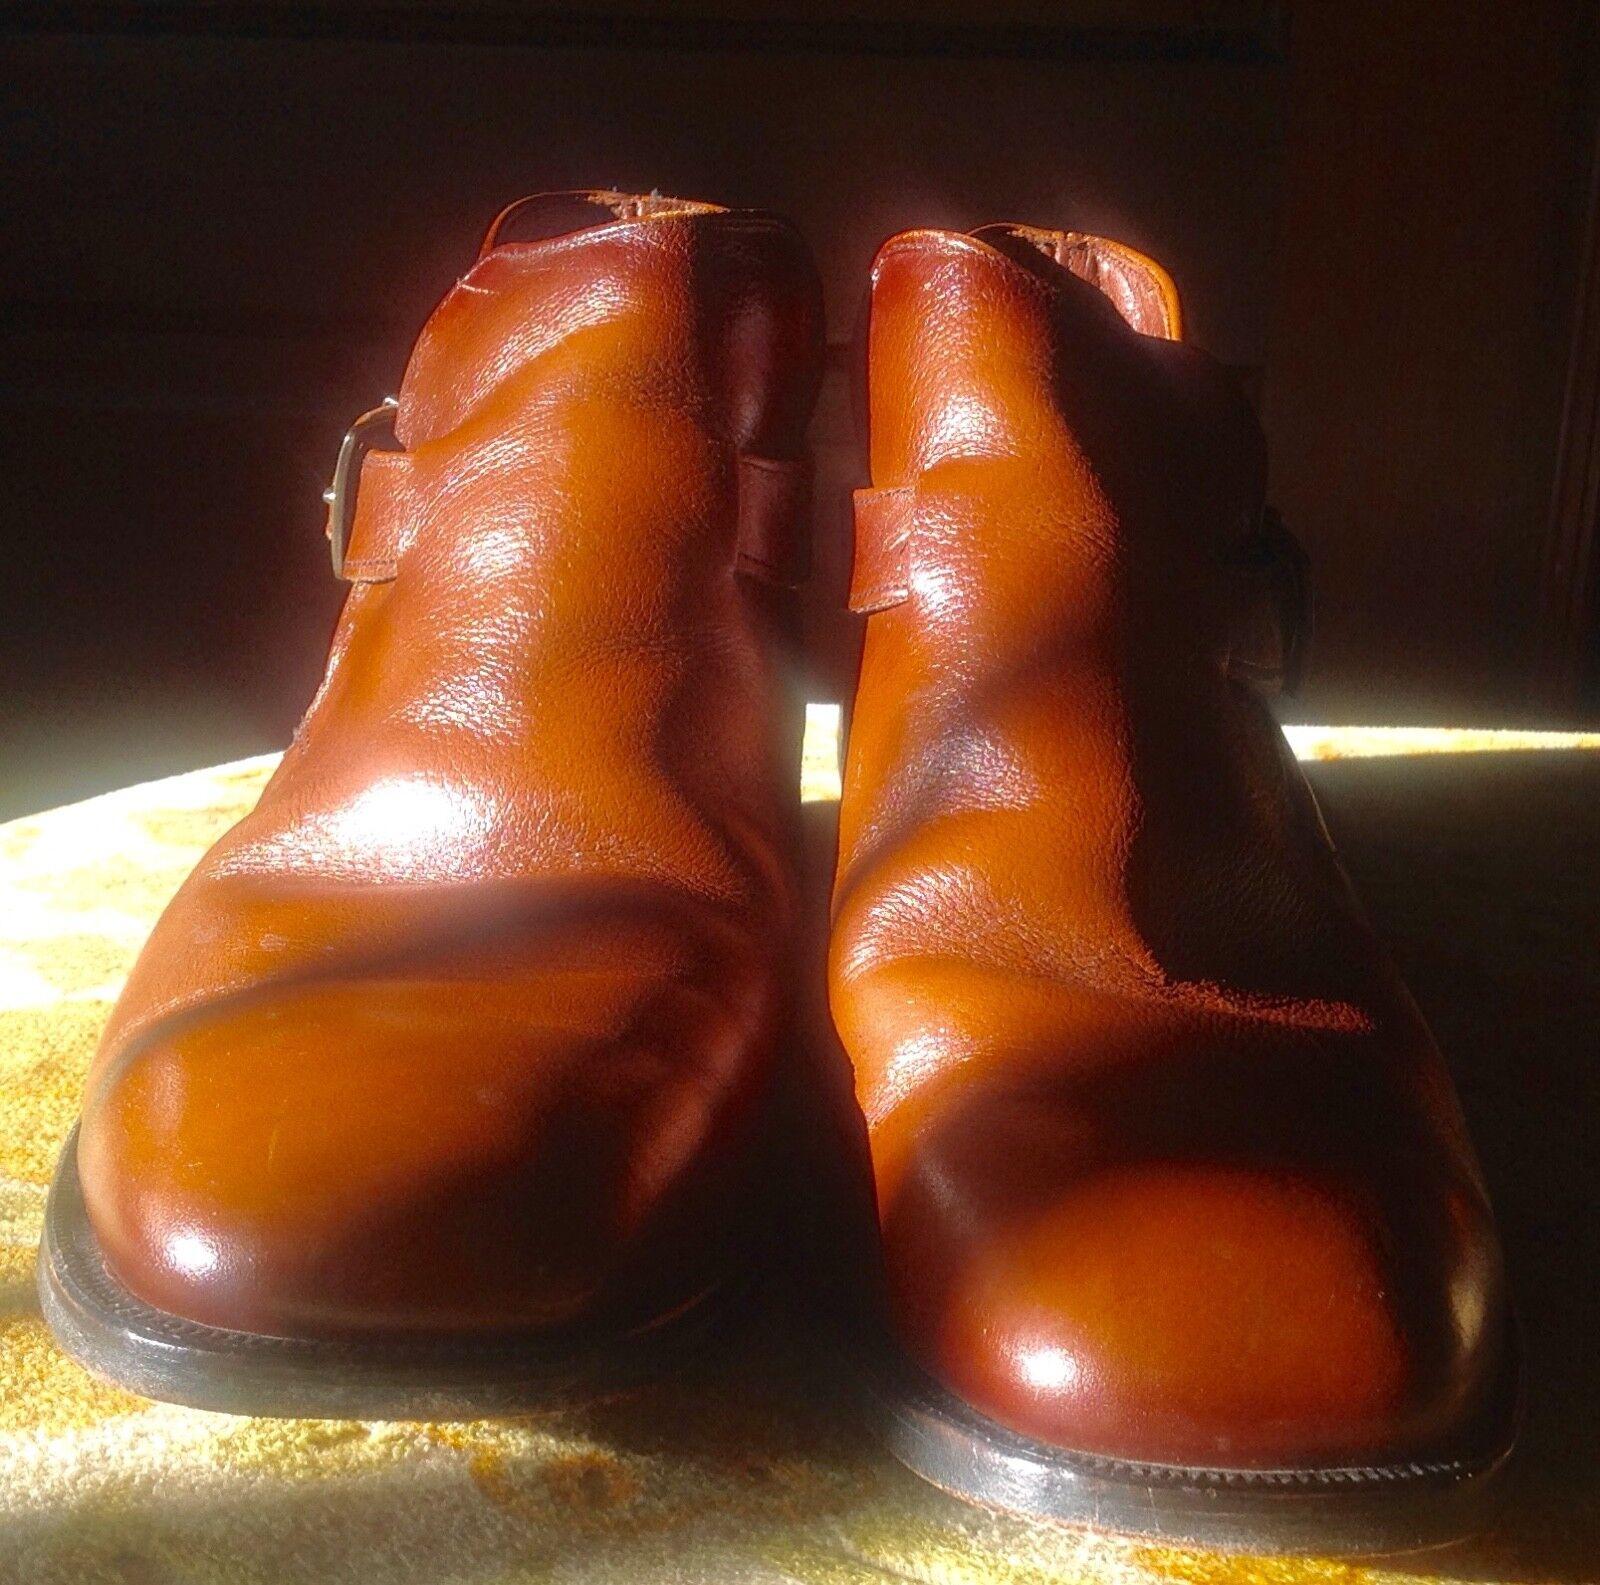 compra meglio Vtg  Mason Mason Mason Leather Classic Marrone Buckle Strap Uomo Leather Chuka stivali scarpe 9.5  garantito